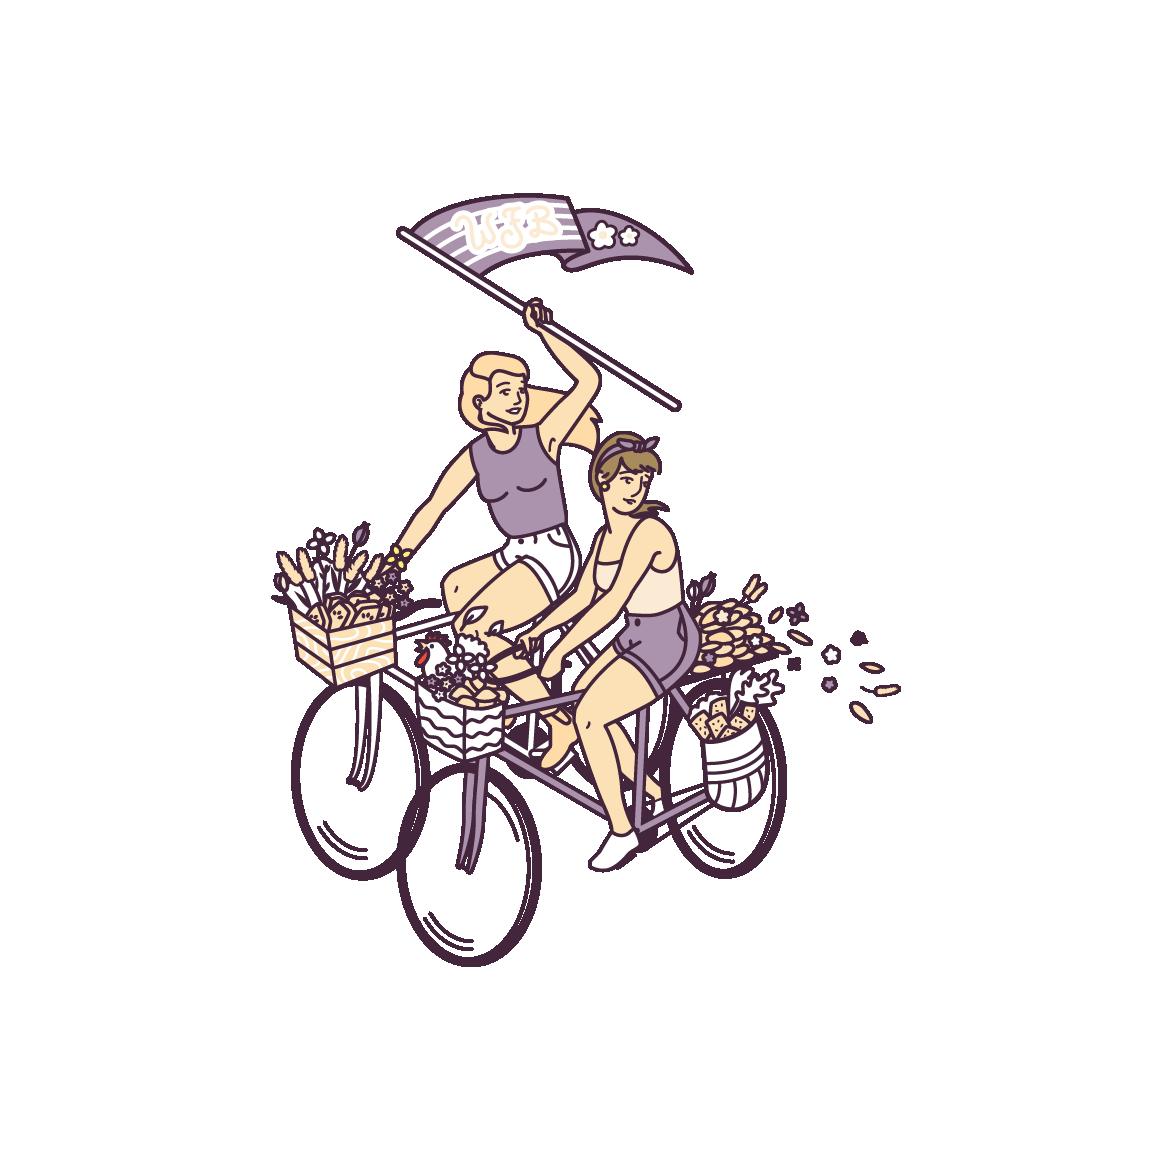 Poster_Illustration_Design_Bikes_Riding_Bakery